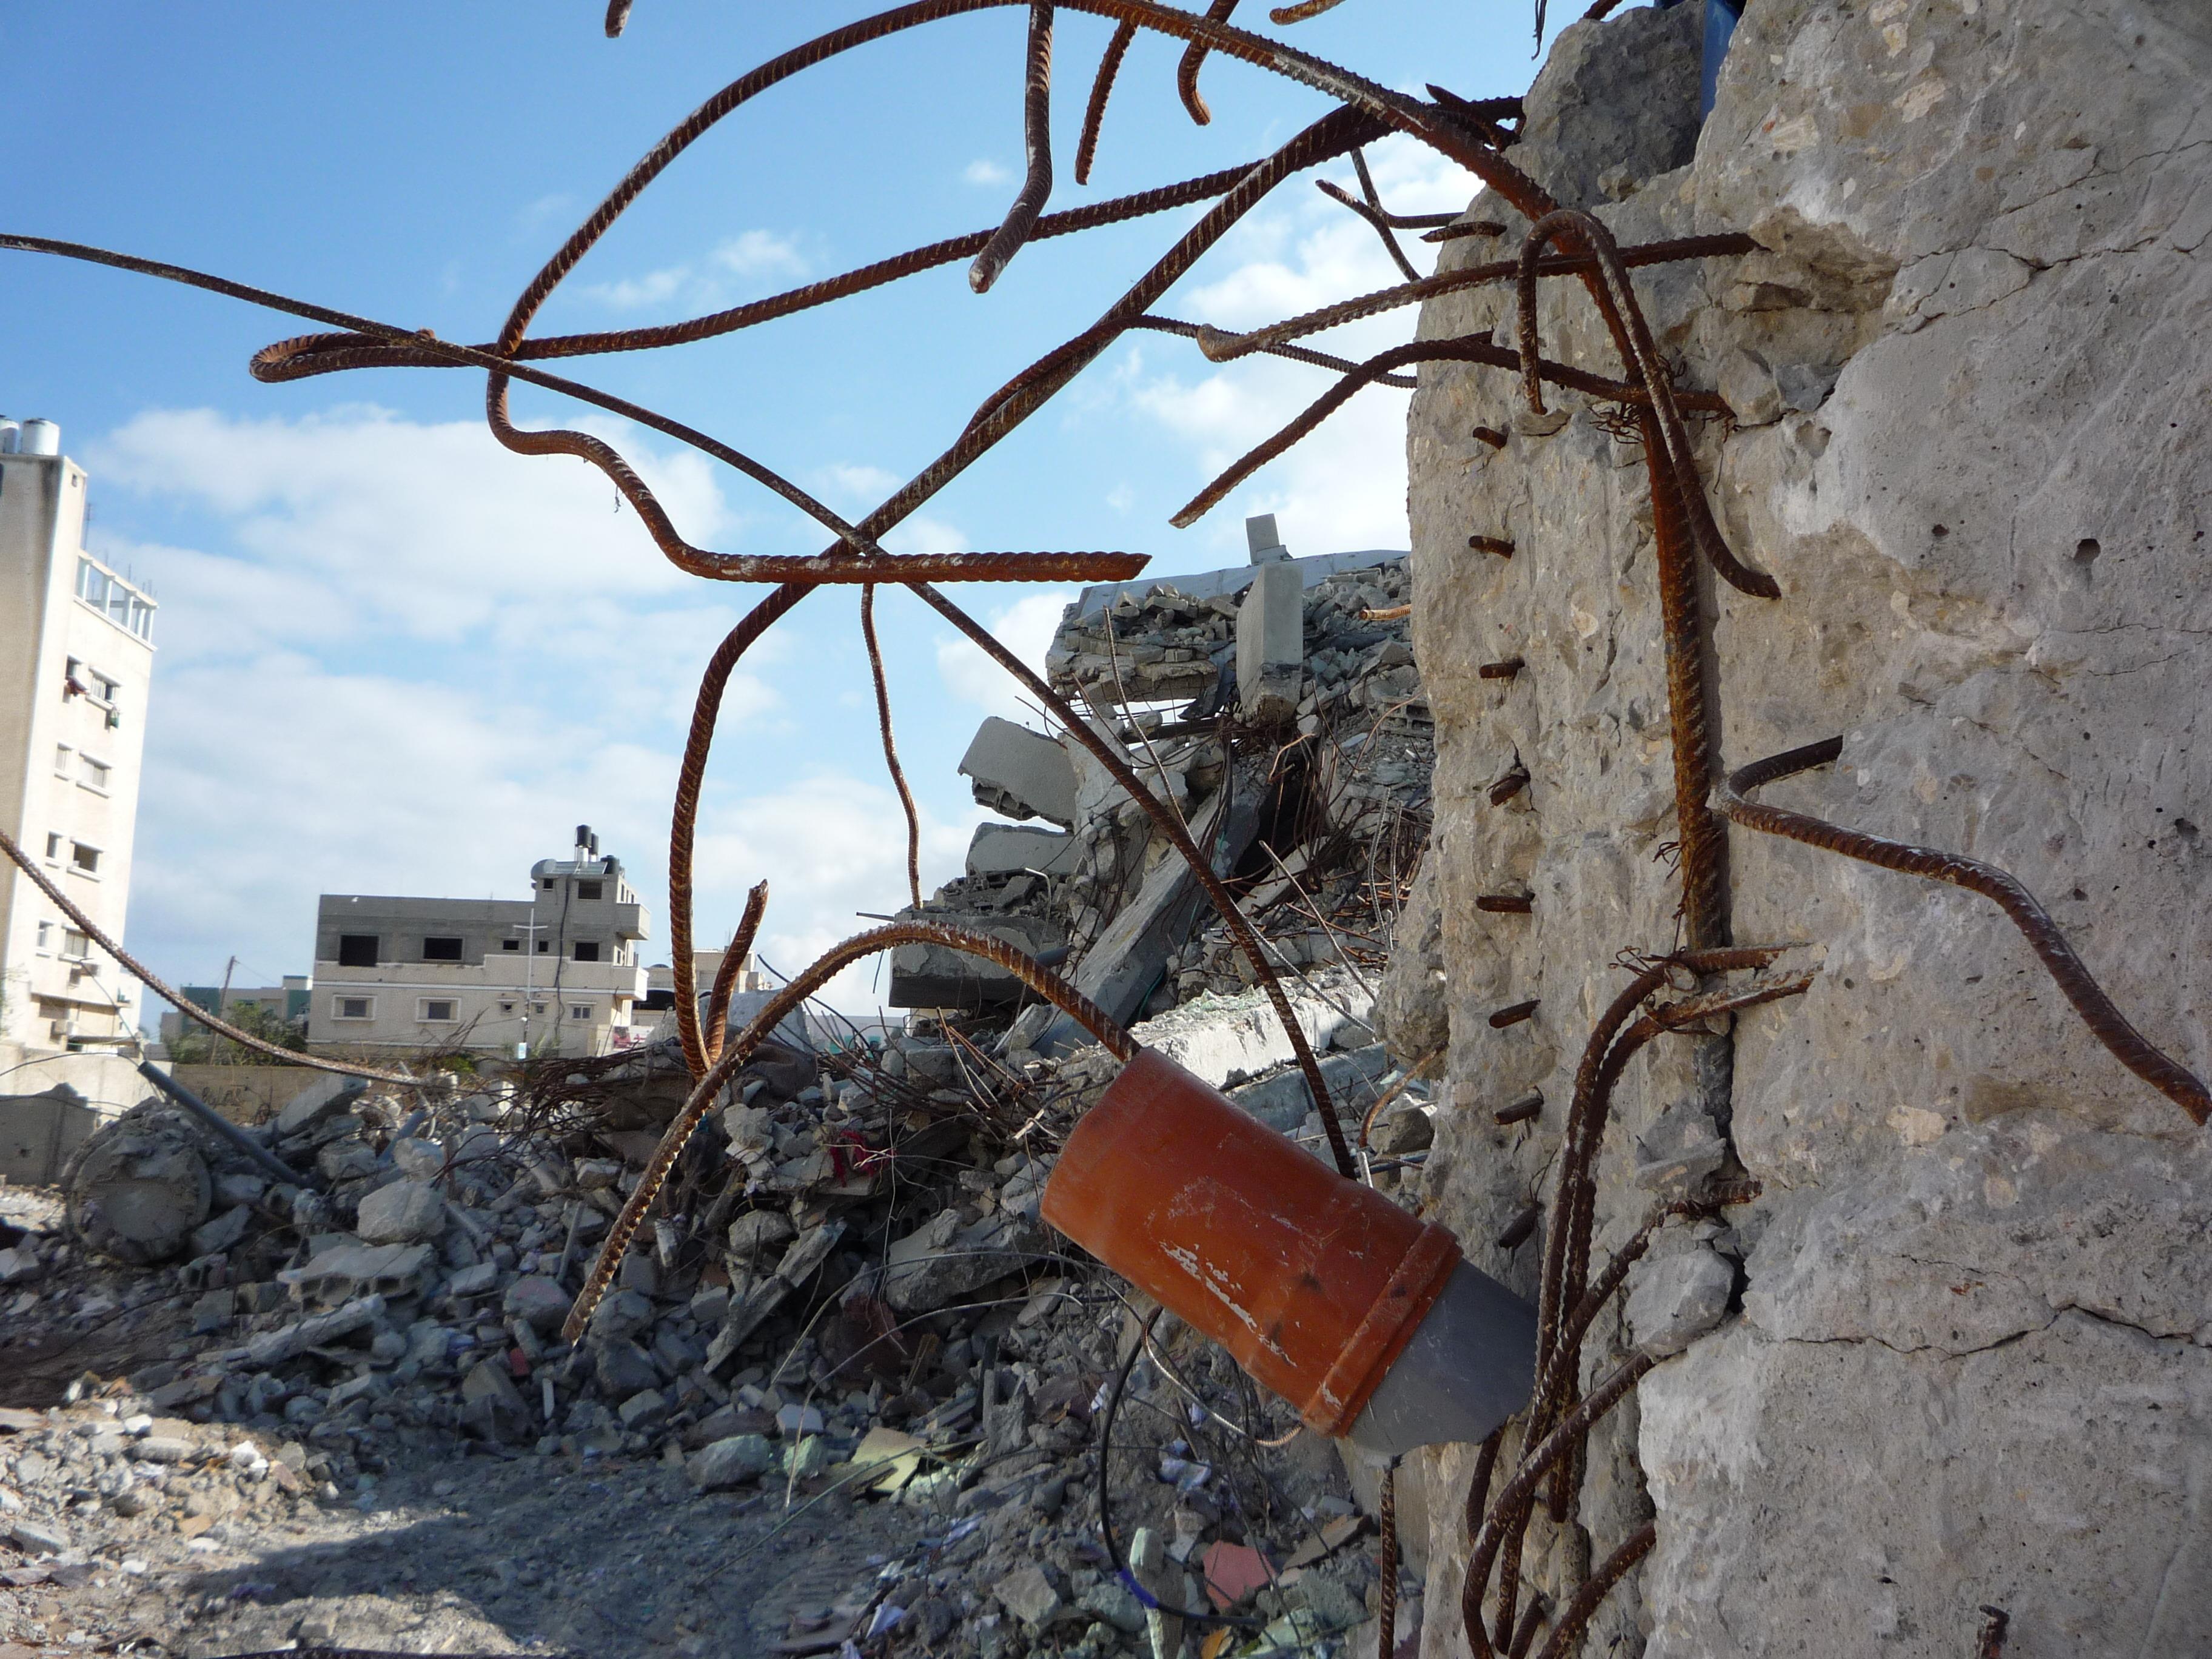 Veckans utrikespolitiska händelse: Gaza